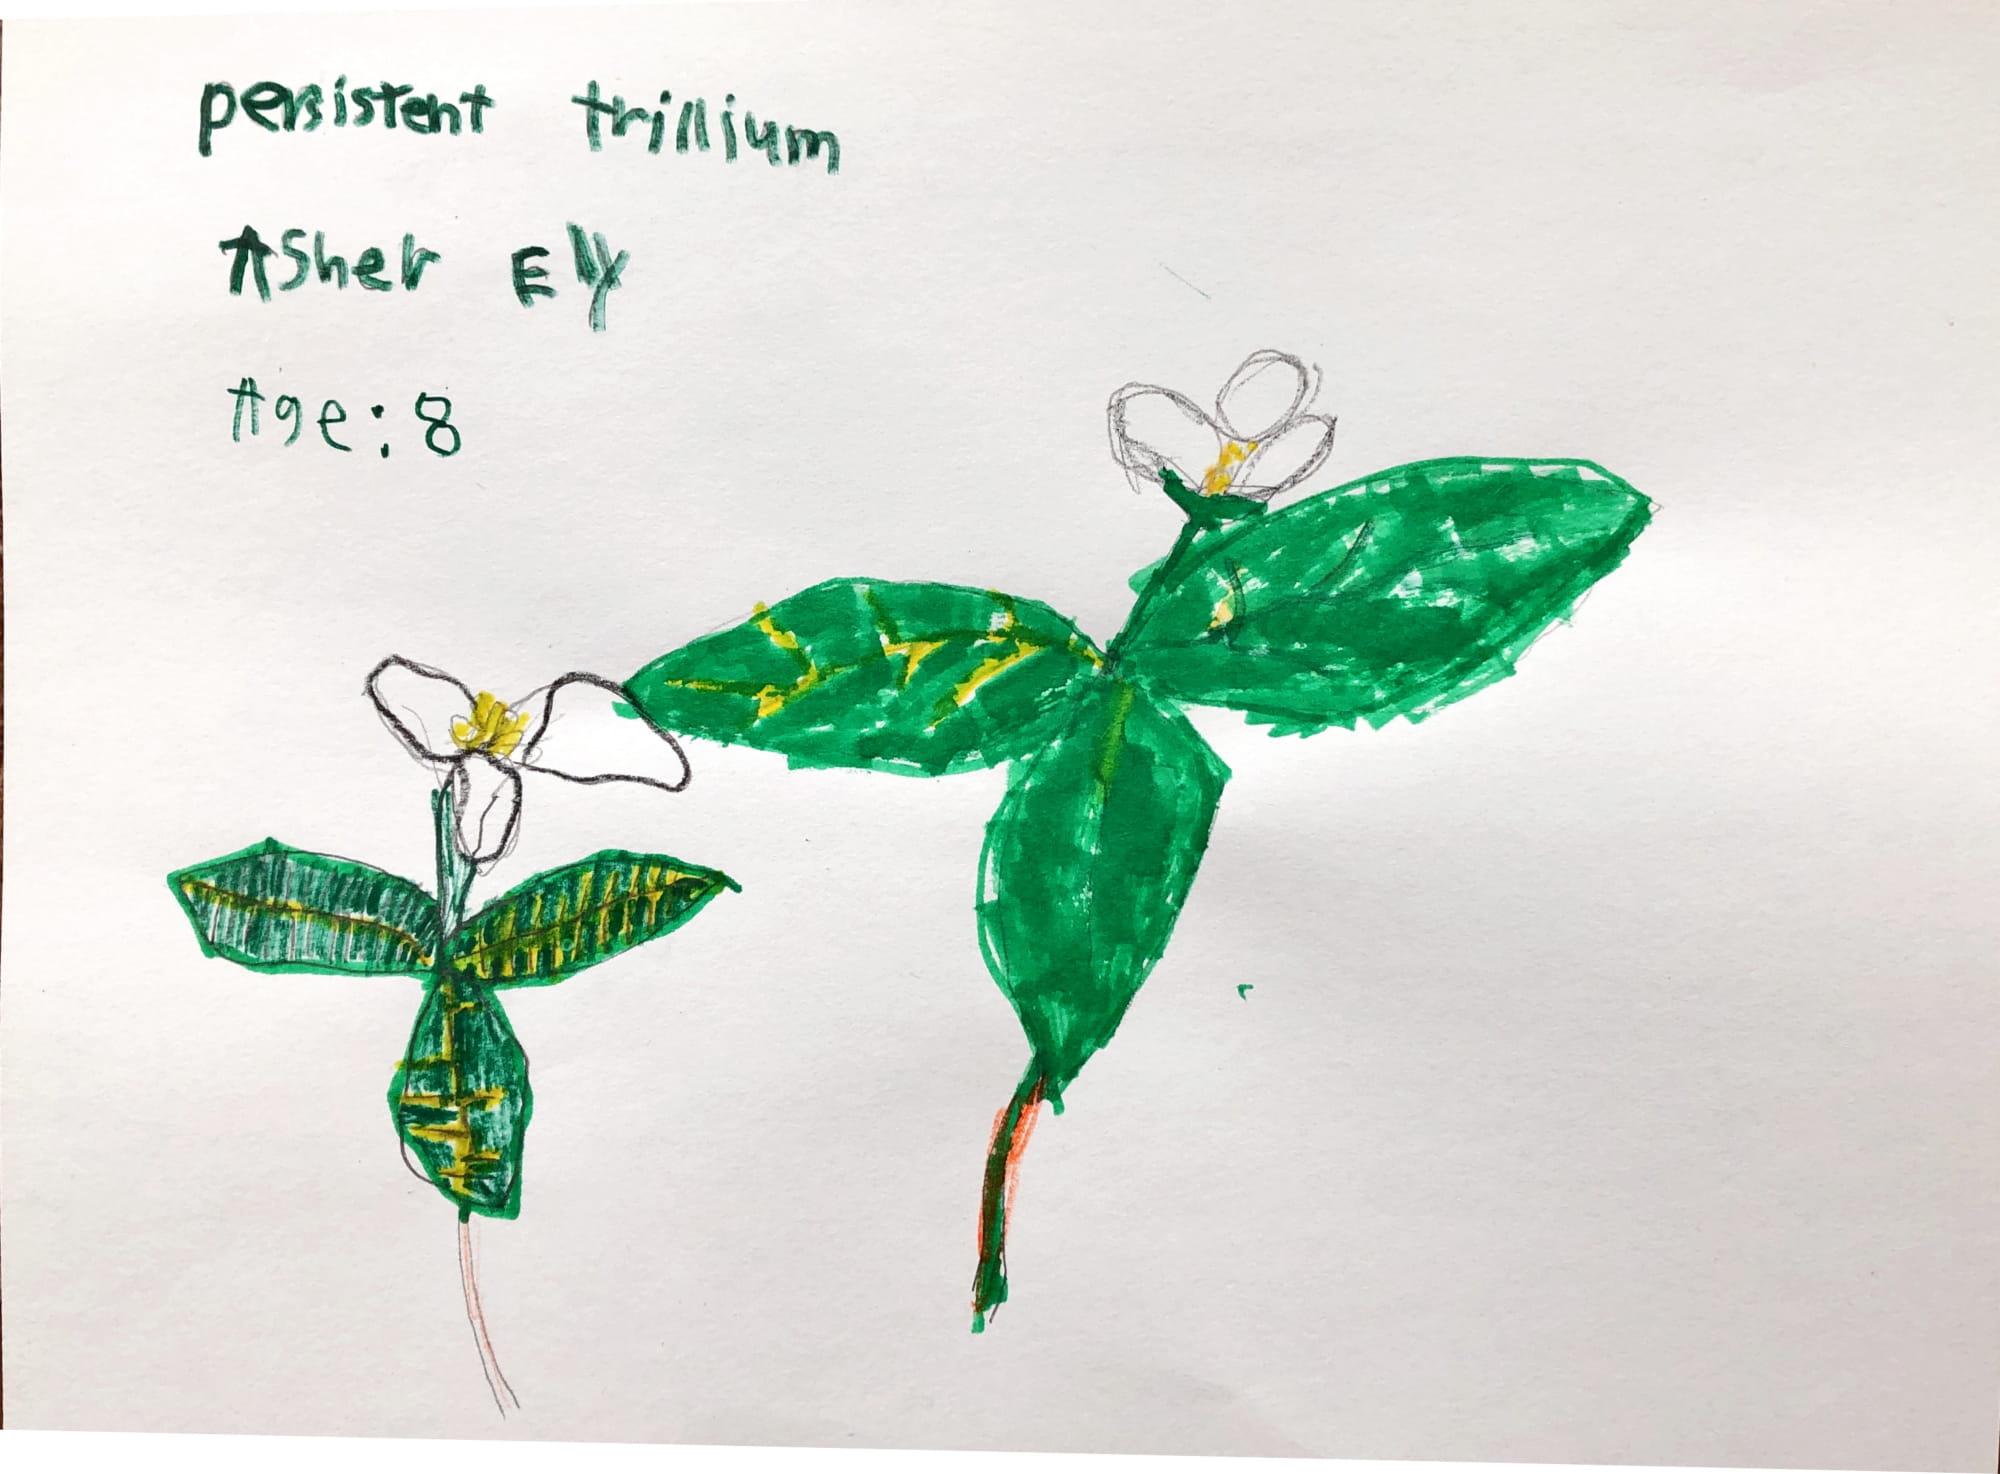 Asher Ely – Persistent Trillium 8-1